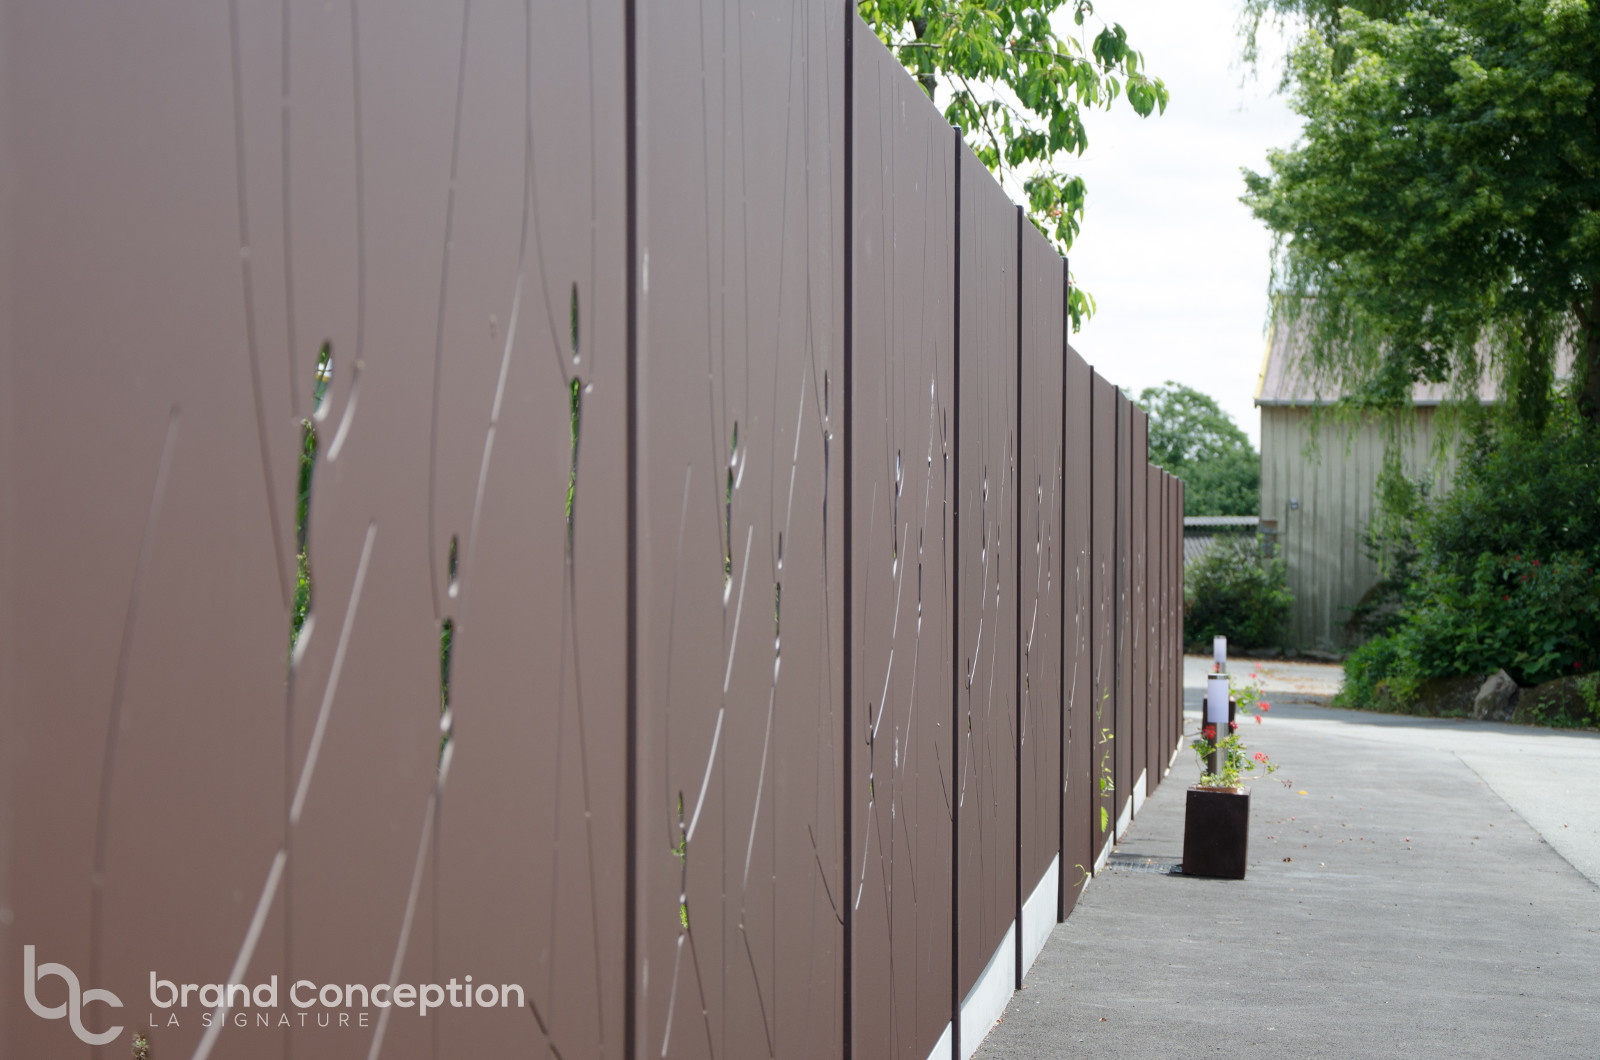 Claustra Treillis Exterieur Bois brand conception - produits d'aménagement alu découpe laser